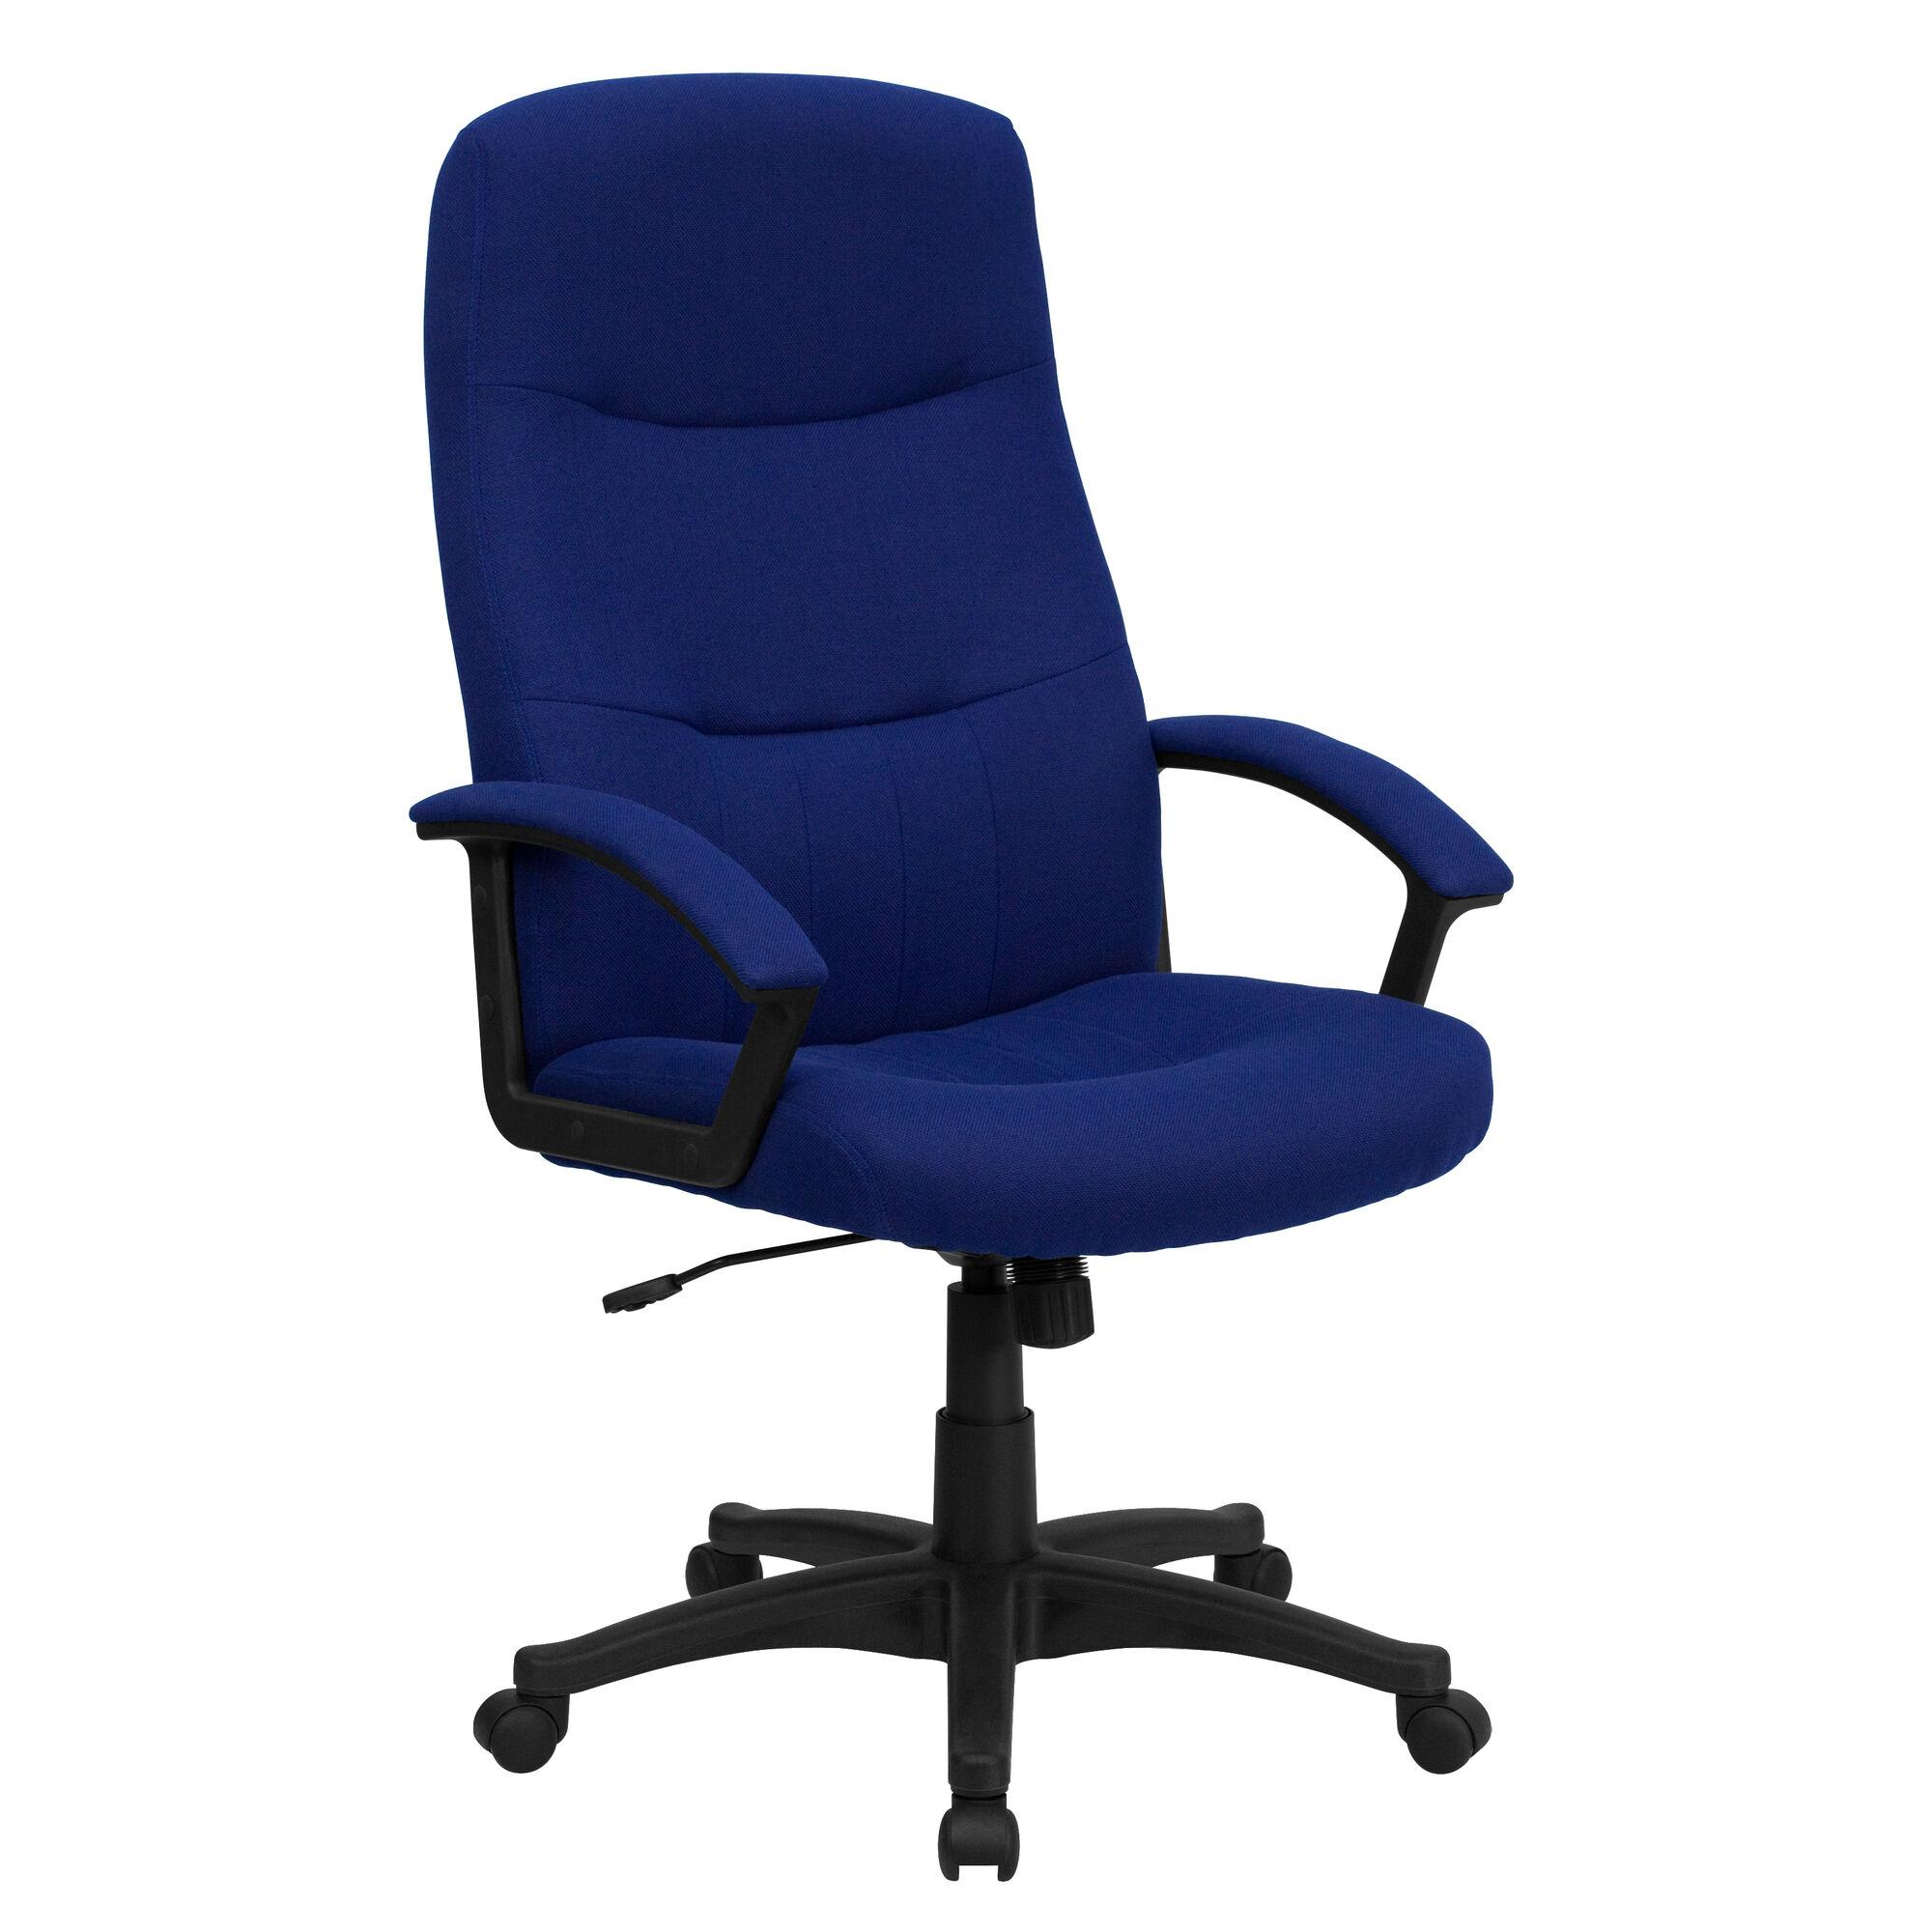 Navy High Back Fabric Chair Bt 134a Nvy Gg Bizchair Com